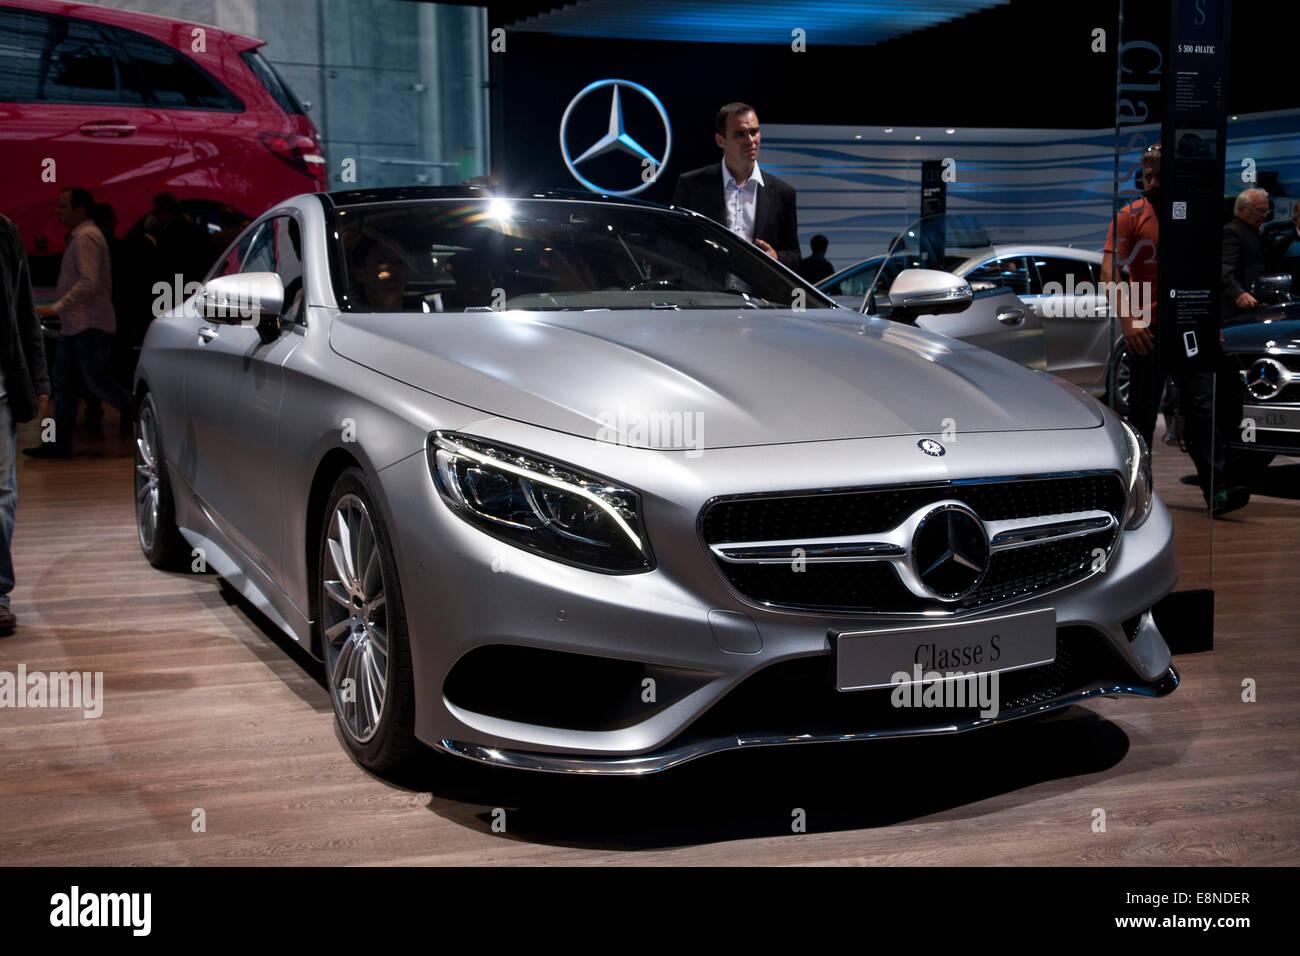 Mercedes S Class Luxury German Car Paris Motor Show Mondial De